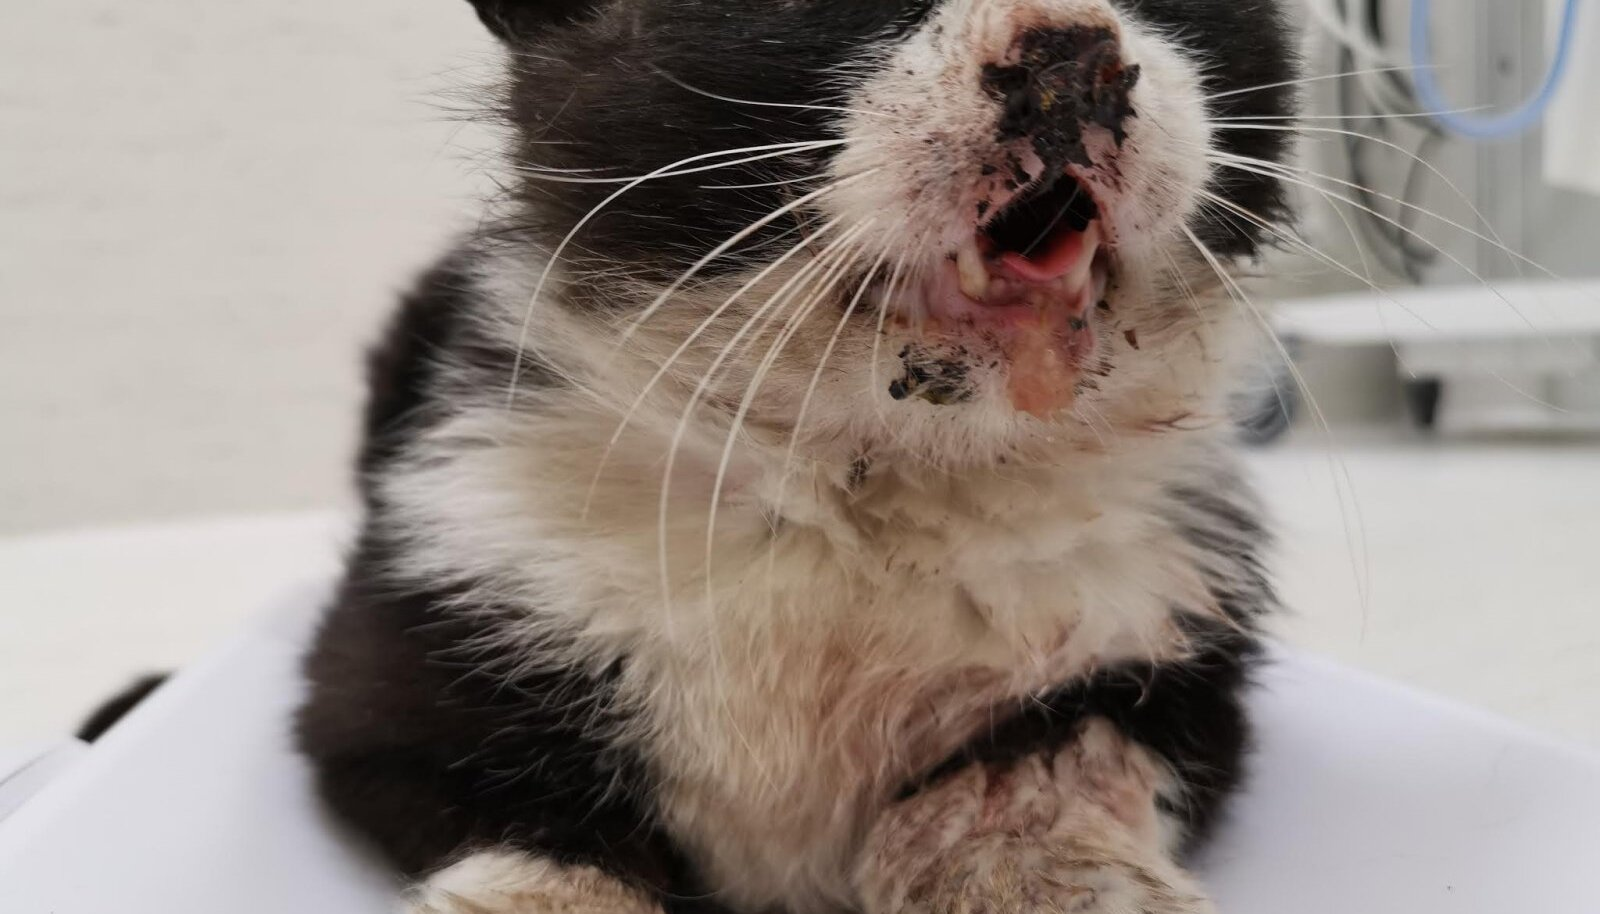 Kass  Mursiku peksmine tõi siiski kaasa kriminaaluurimis